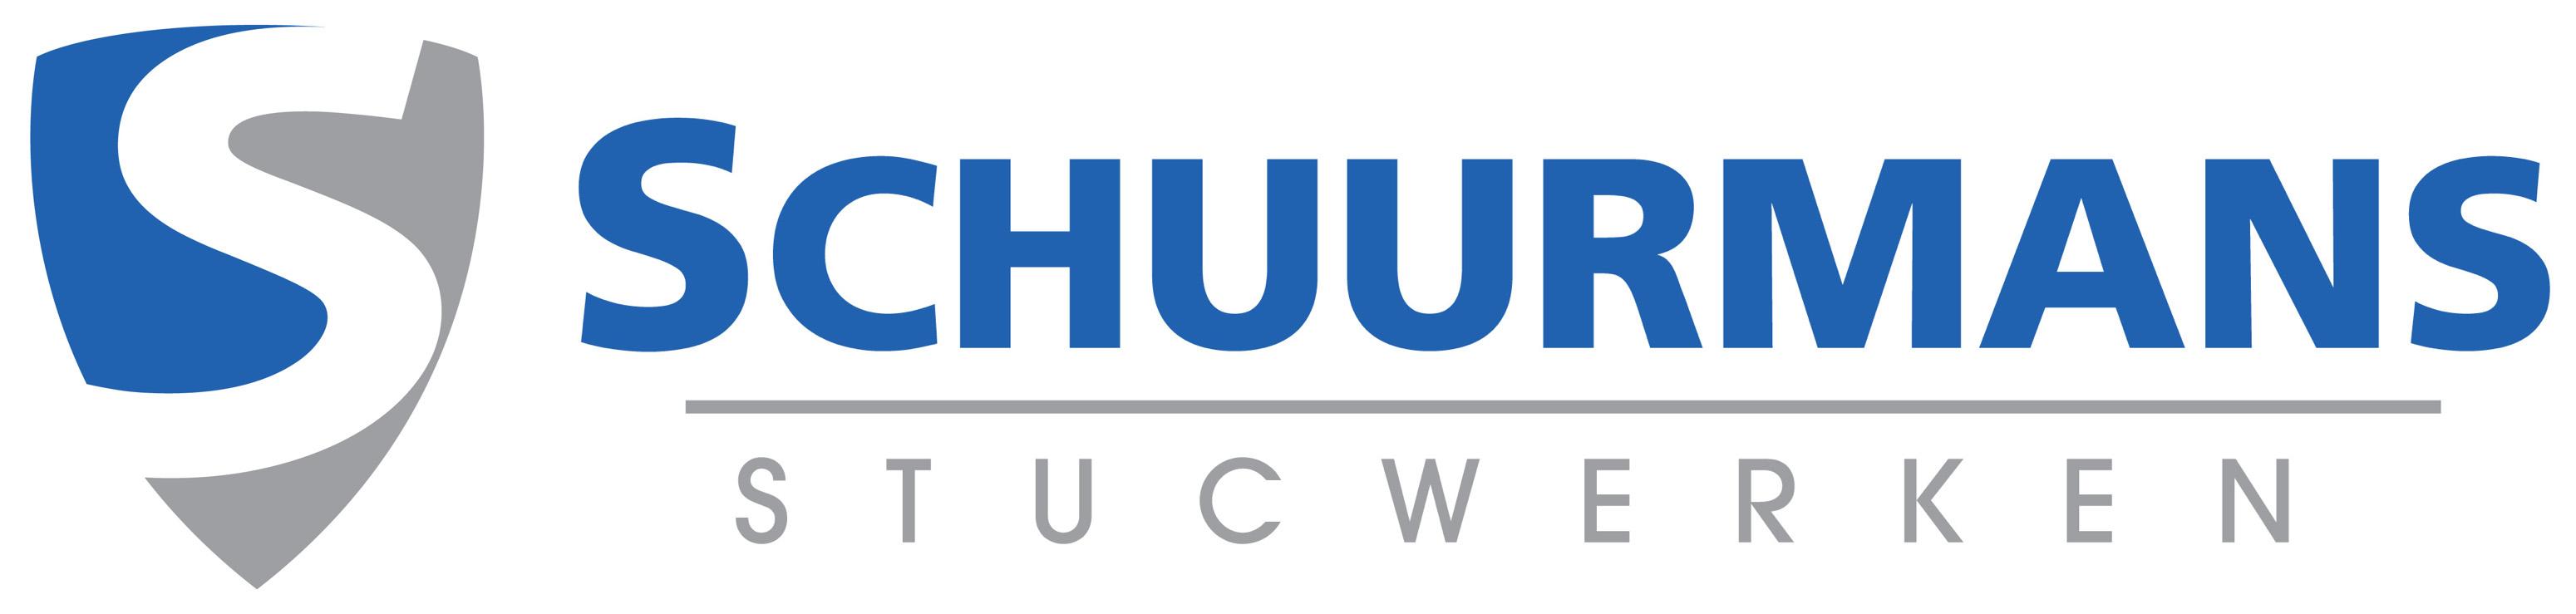 Schuurmans Stucwerken